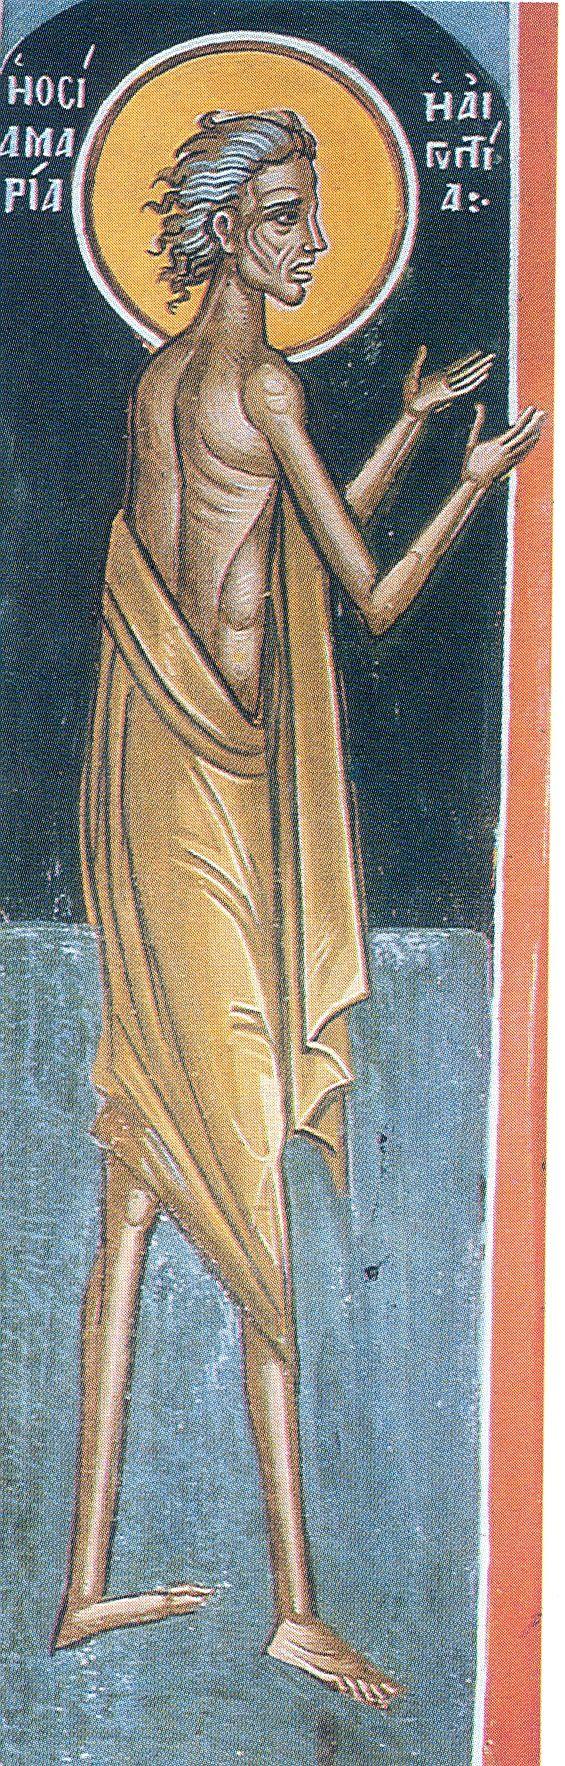 Η Οσία Μαρία η Αιγυπτία και η εγγύηση της μετάνοιας.